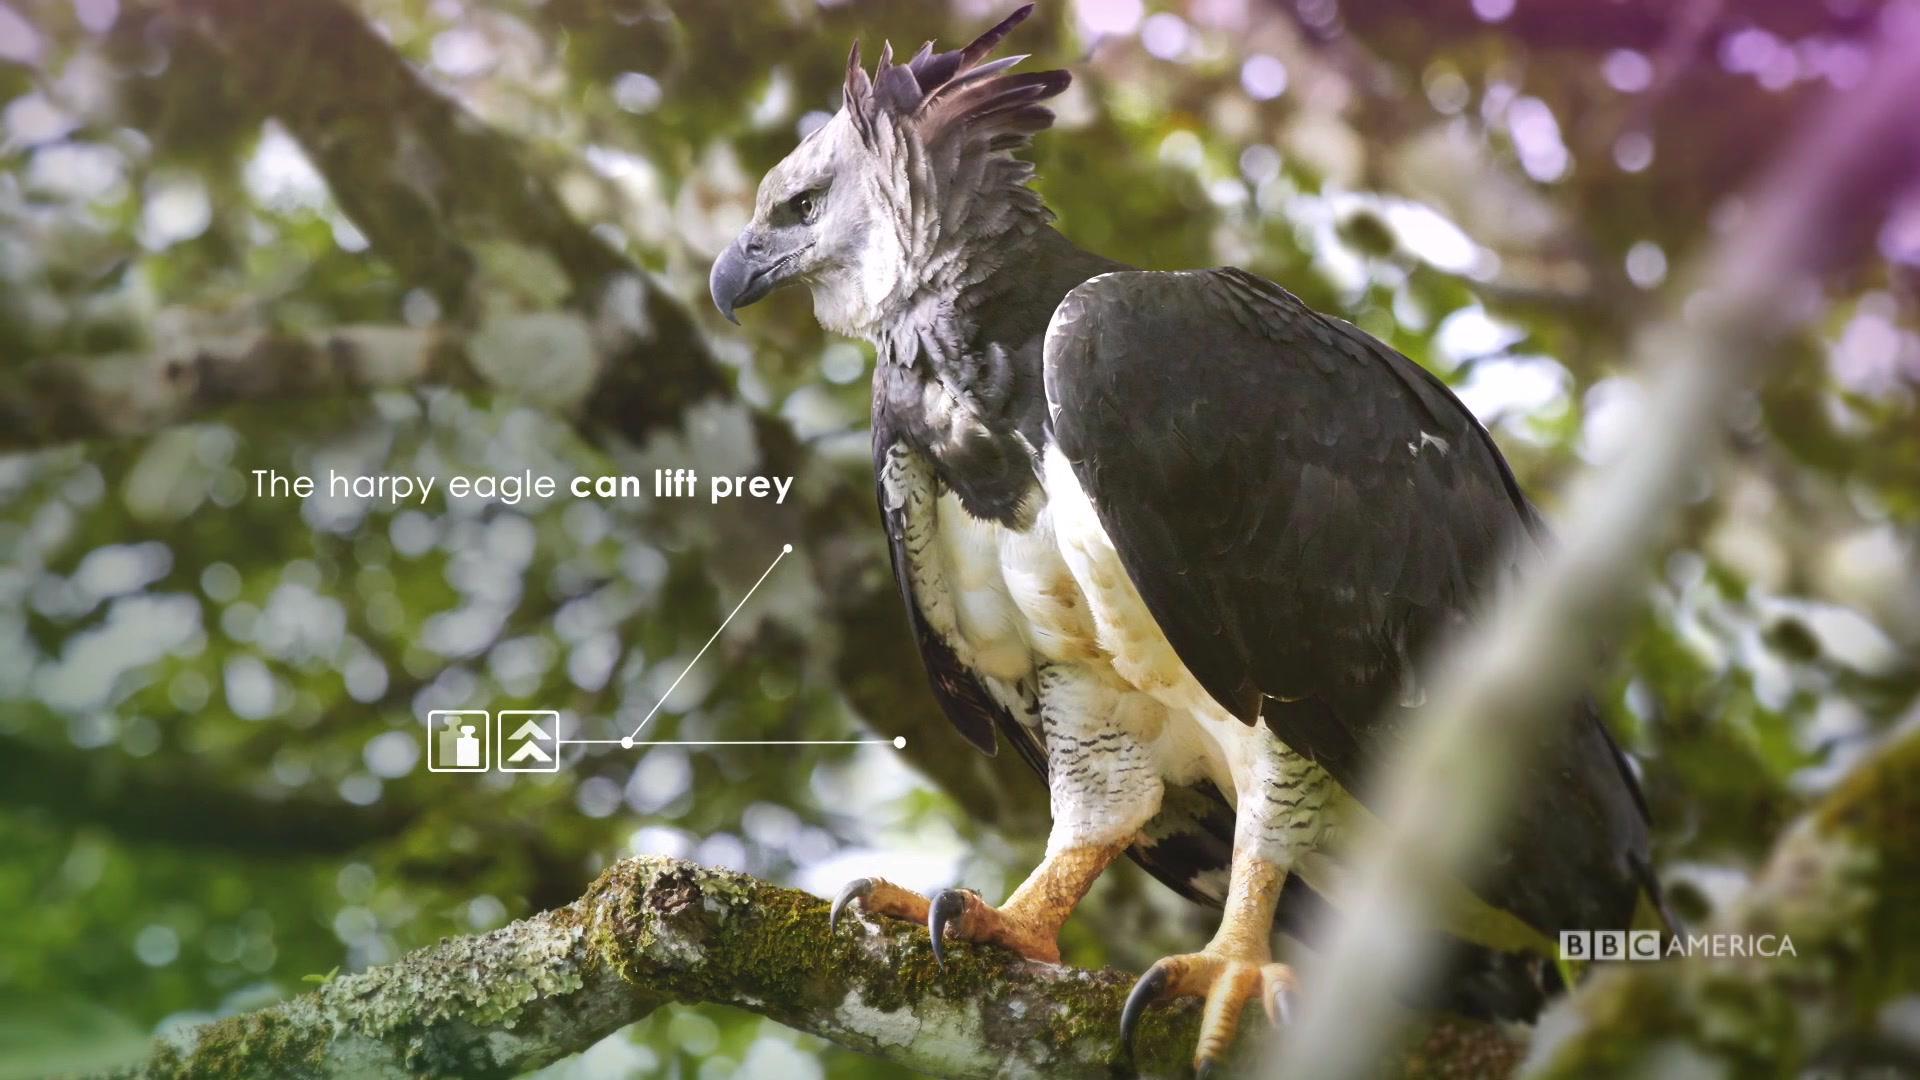 Harpy eagle hunting monkey - photo#53